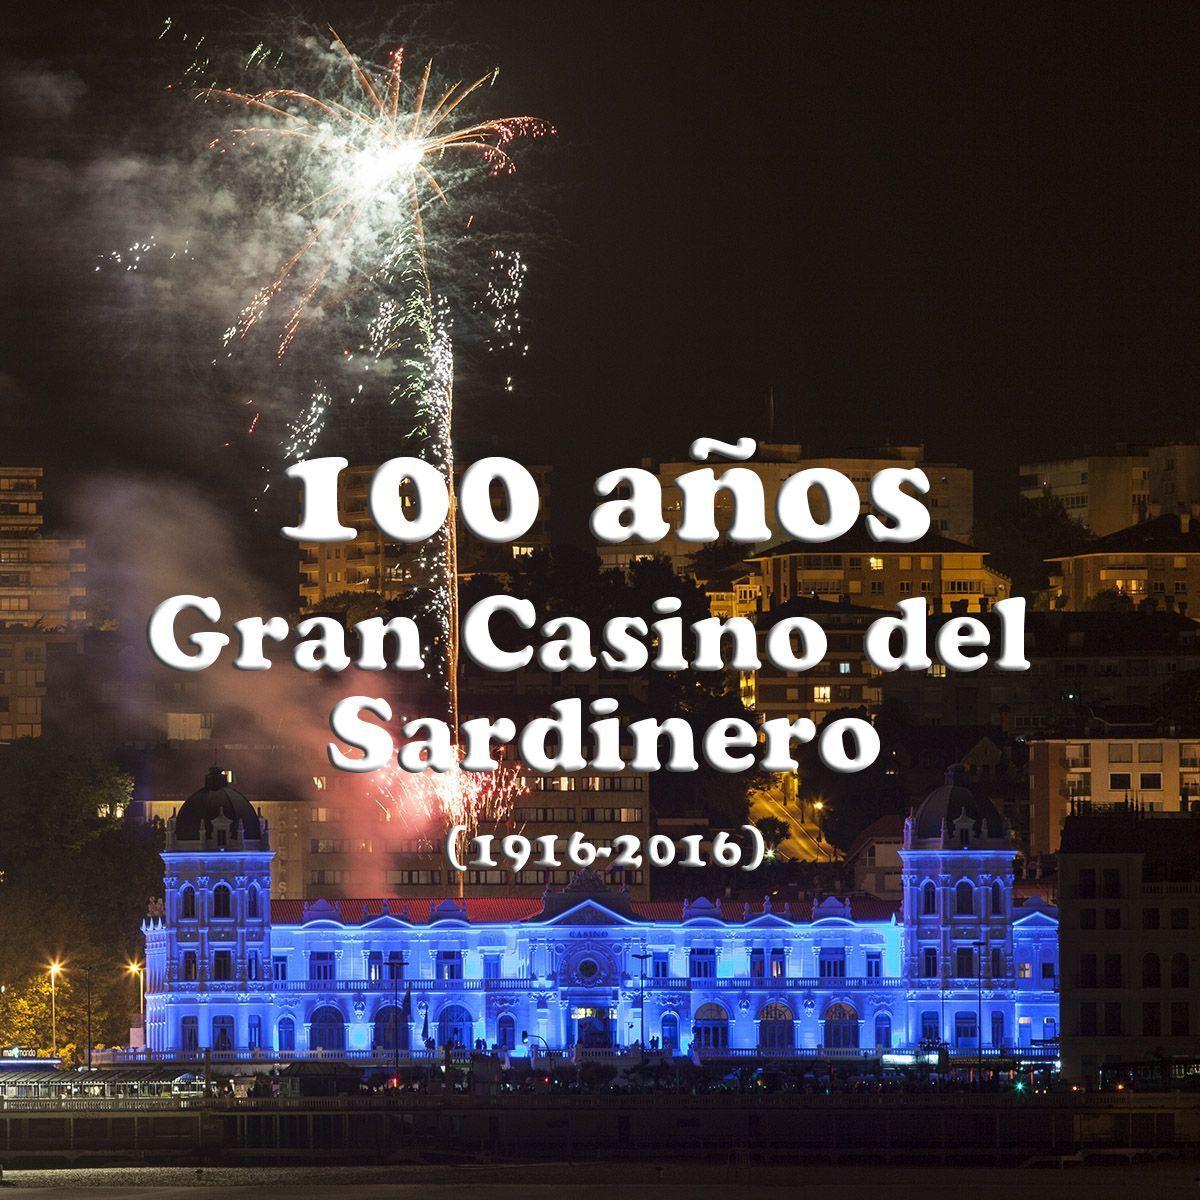 100 años del Casino del Sardinero